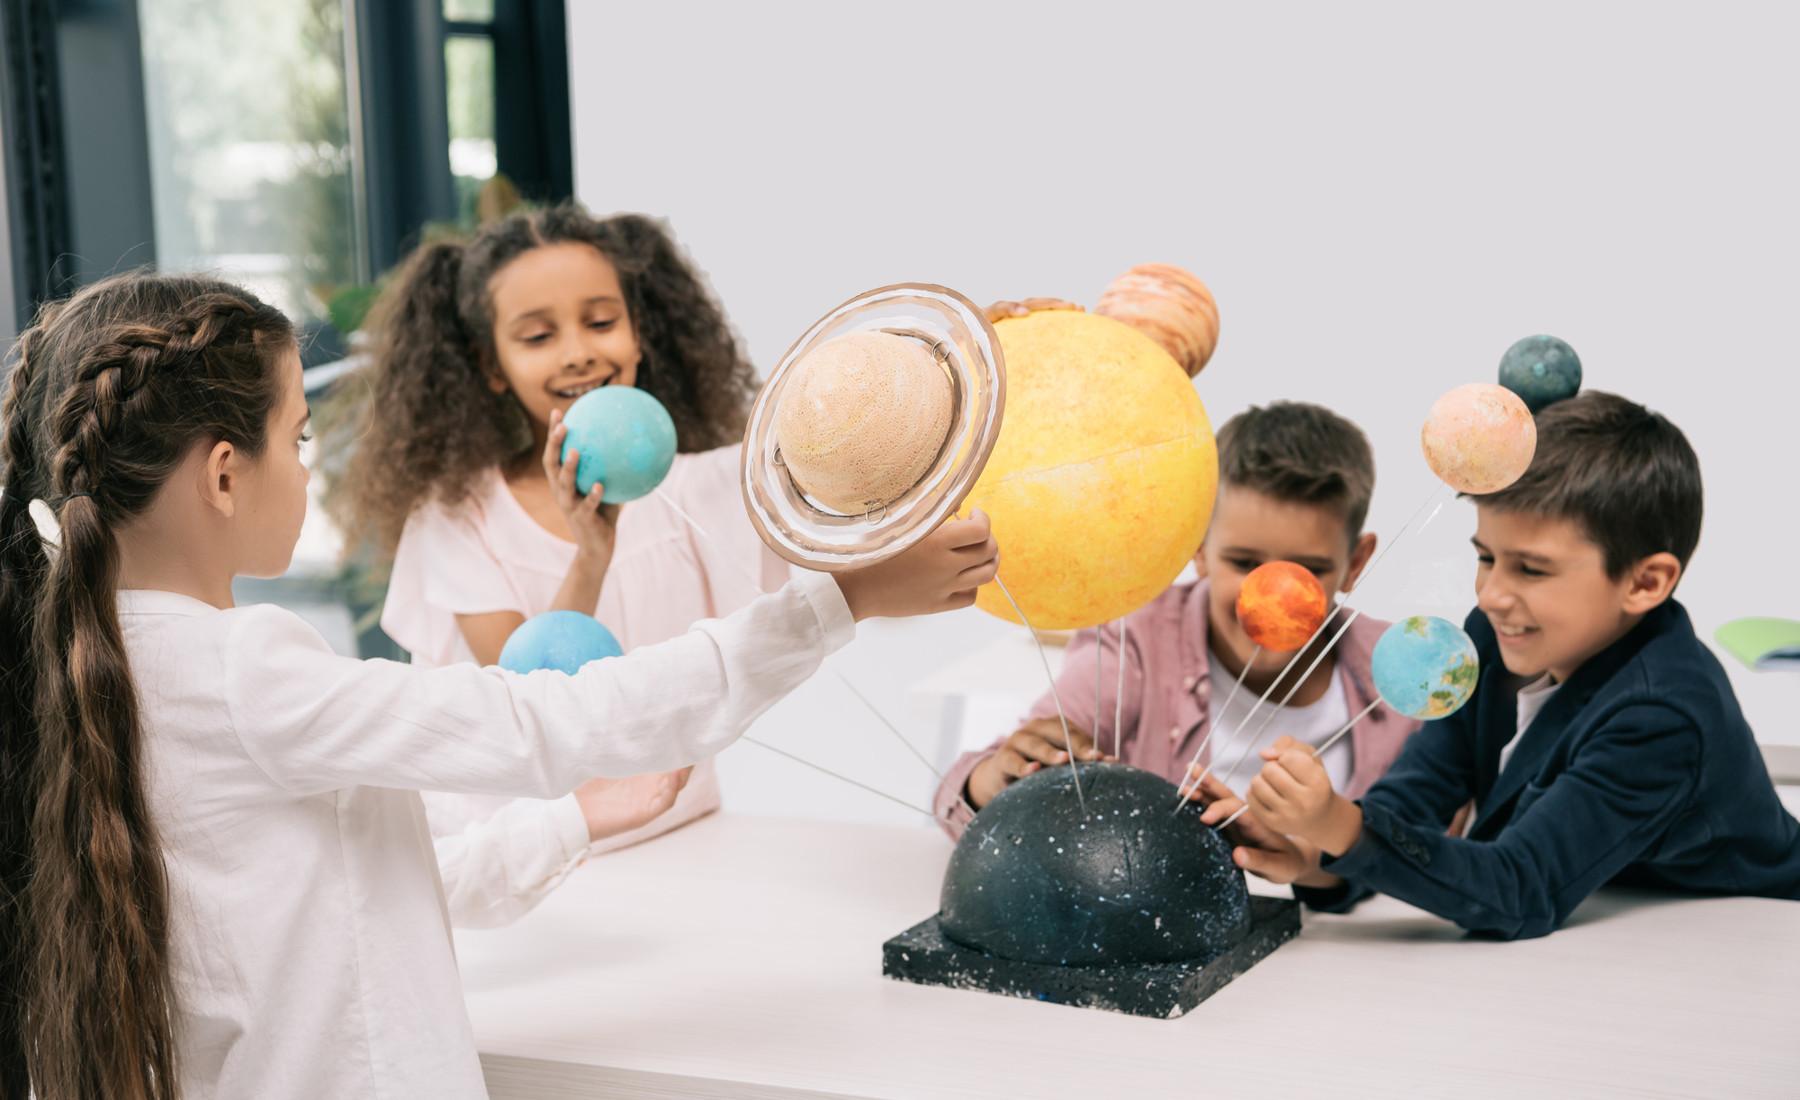 הנדסת חלל – מקצוע של בנים?